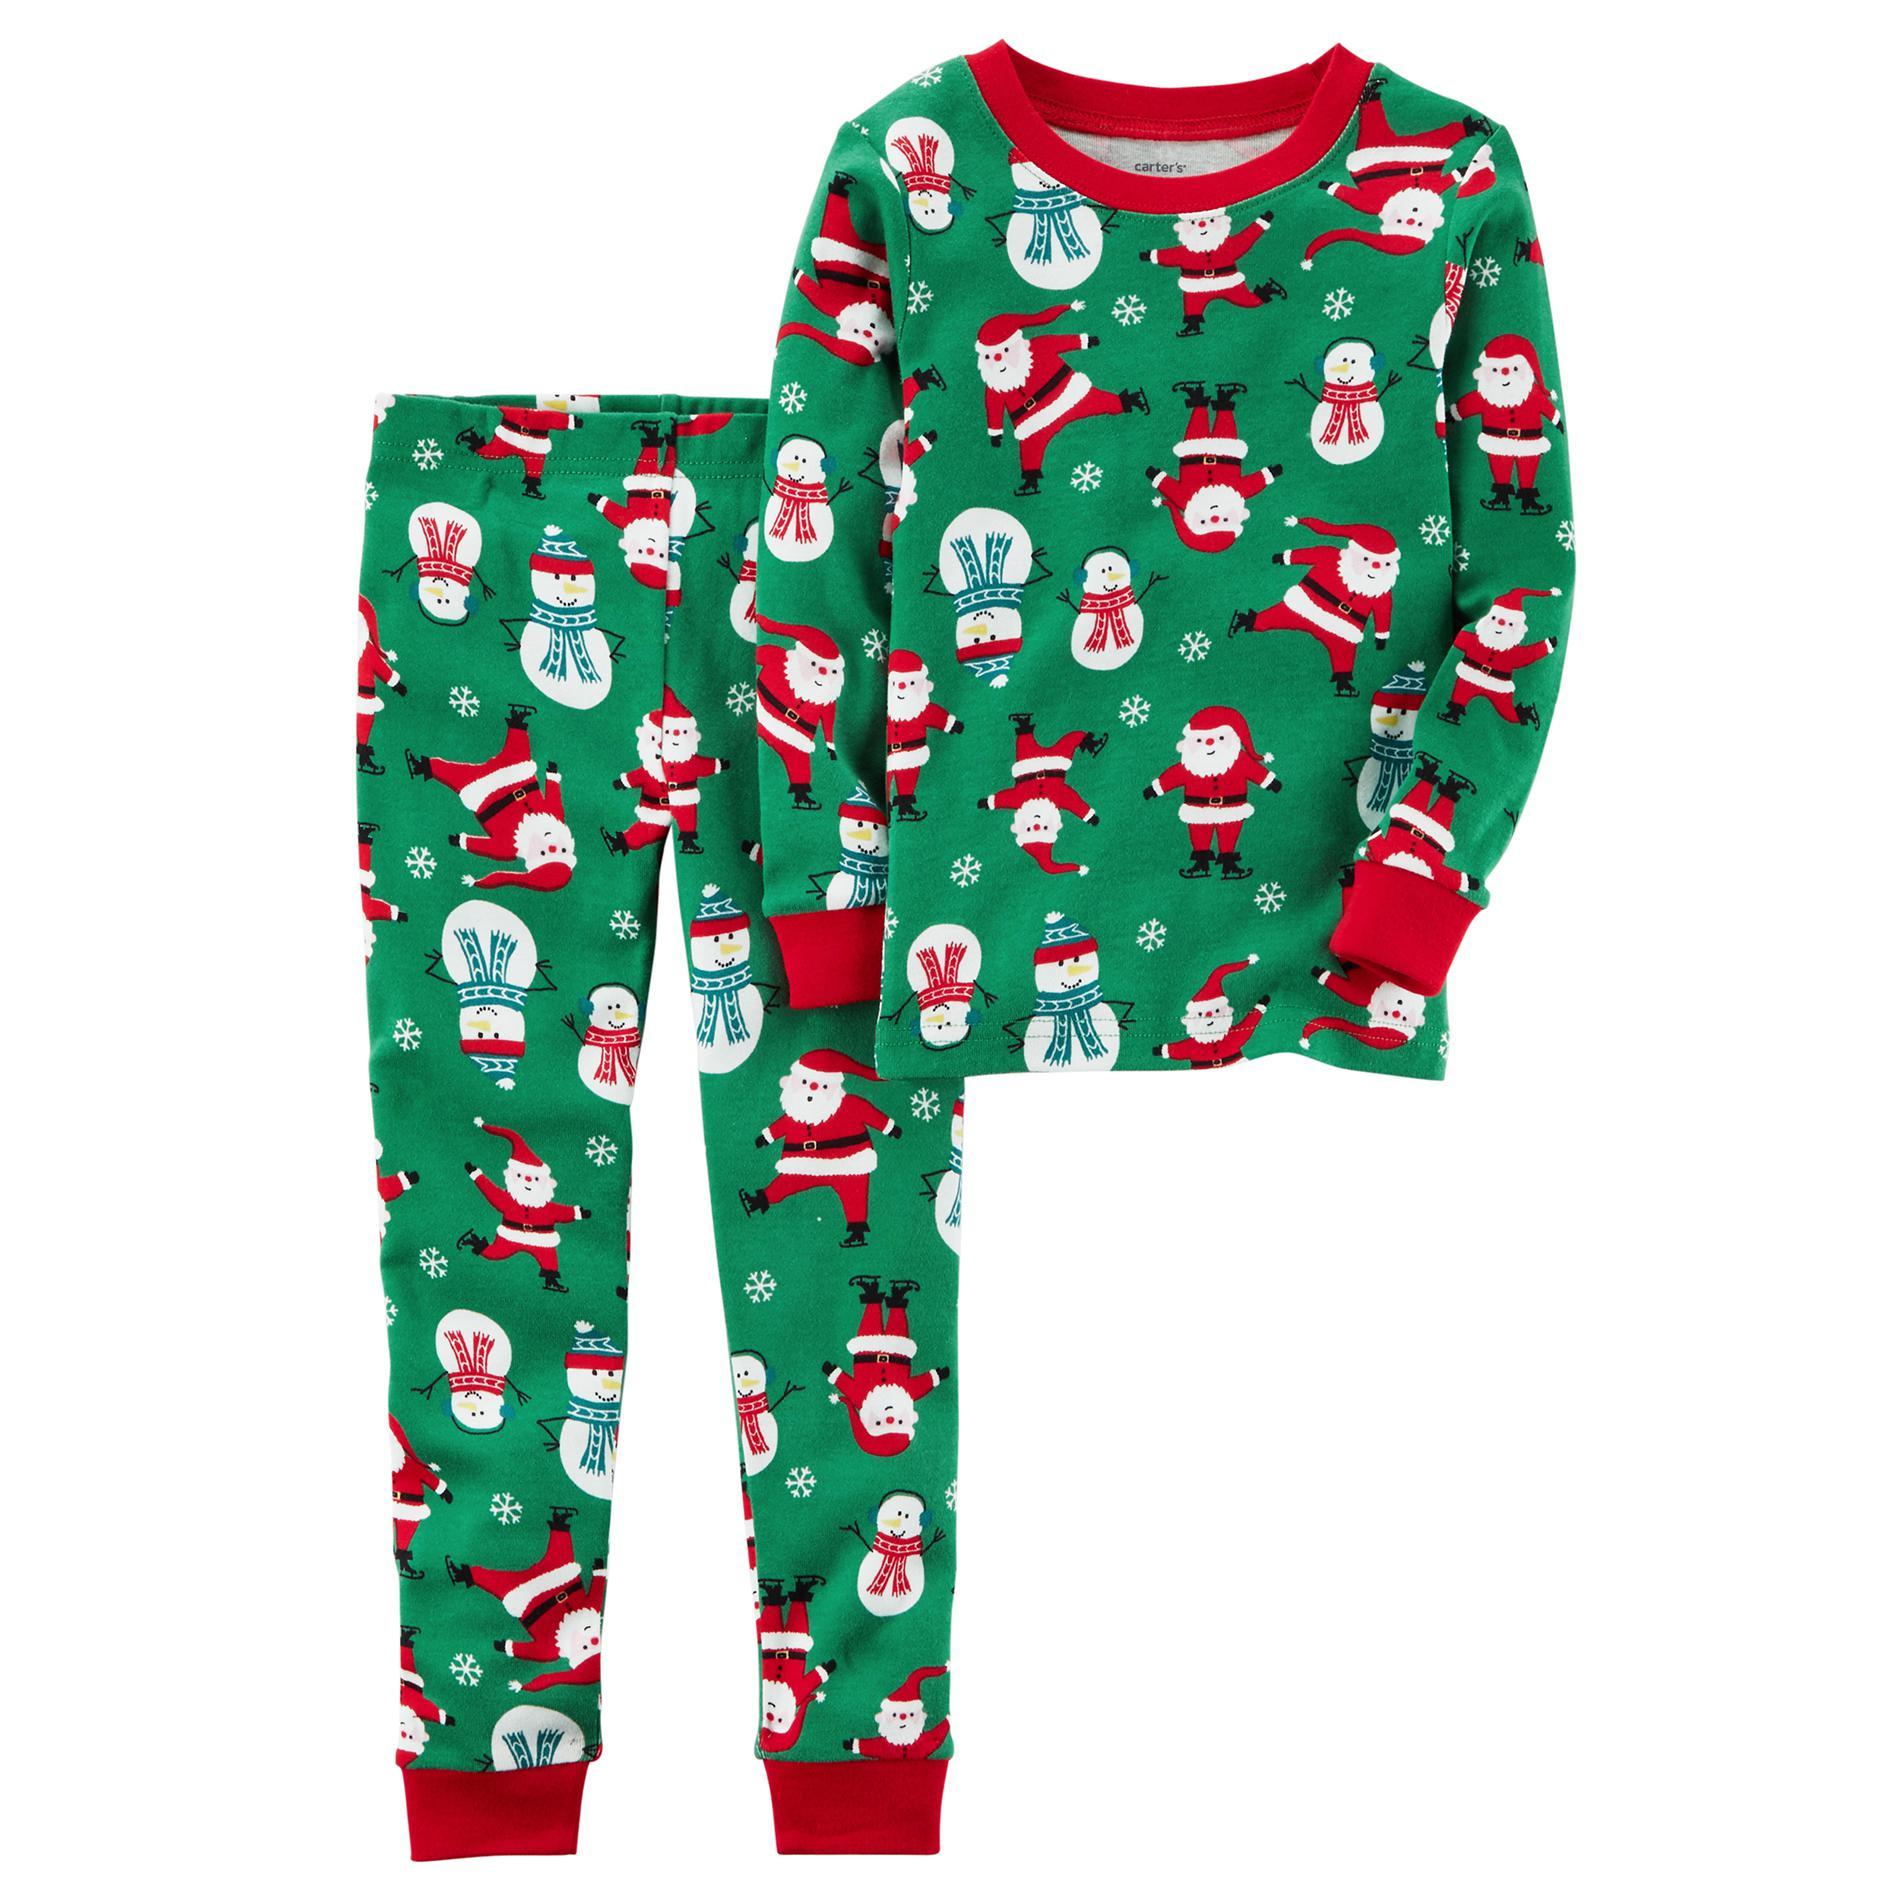 Carter' Toddler Boys Pajama Set - Santa & Snowman